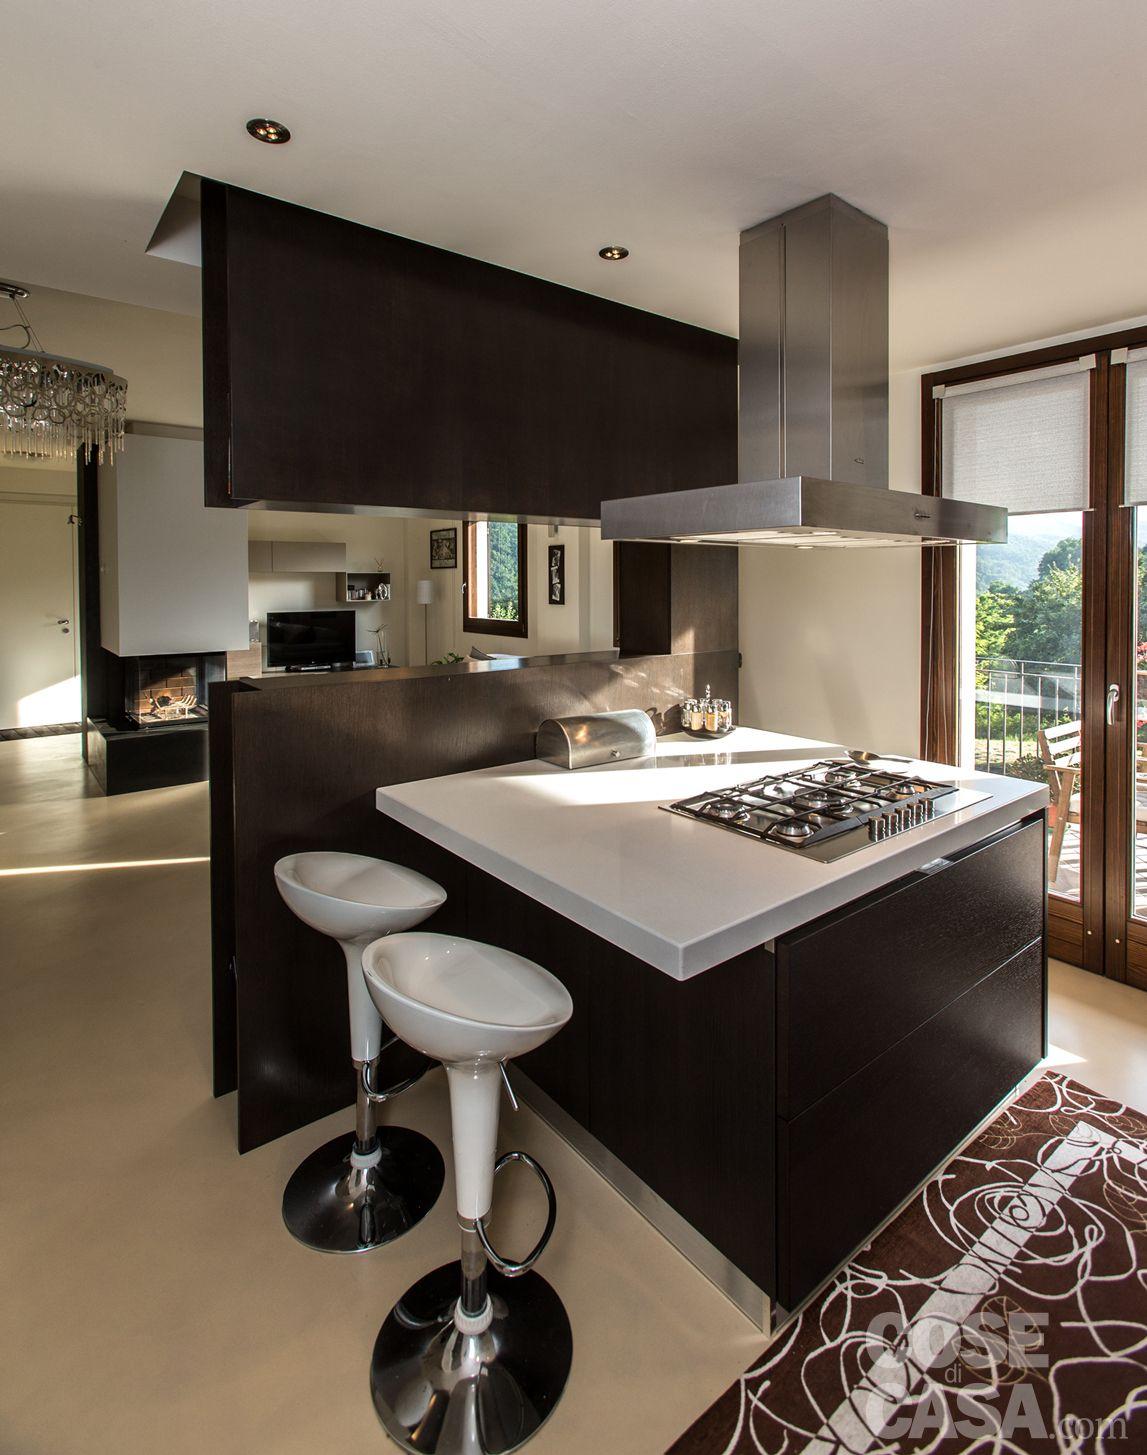 Disegno cucina moderna piccola open space : La cucina dal design minimalista, che si sviluppa lungo tutta una ...